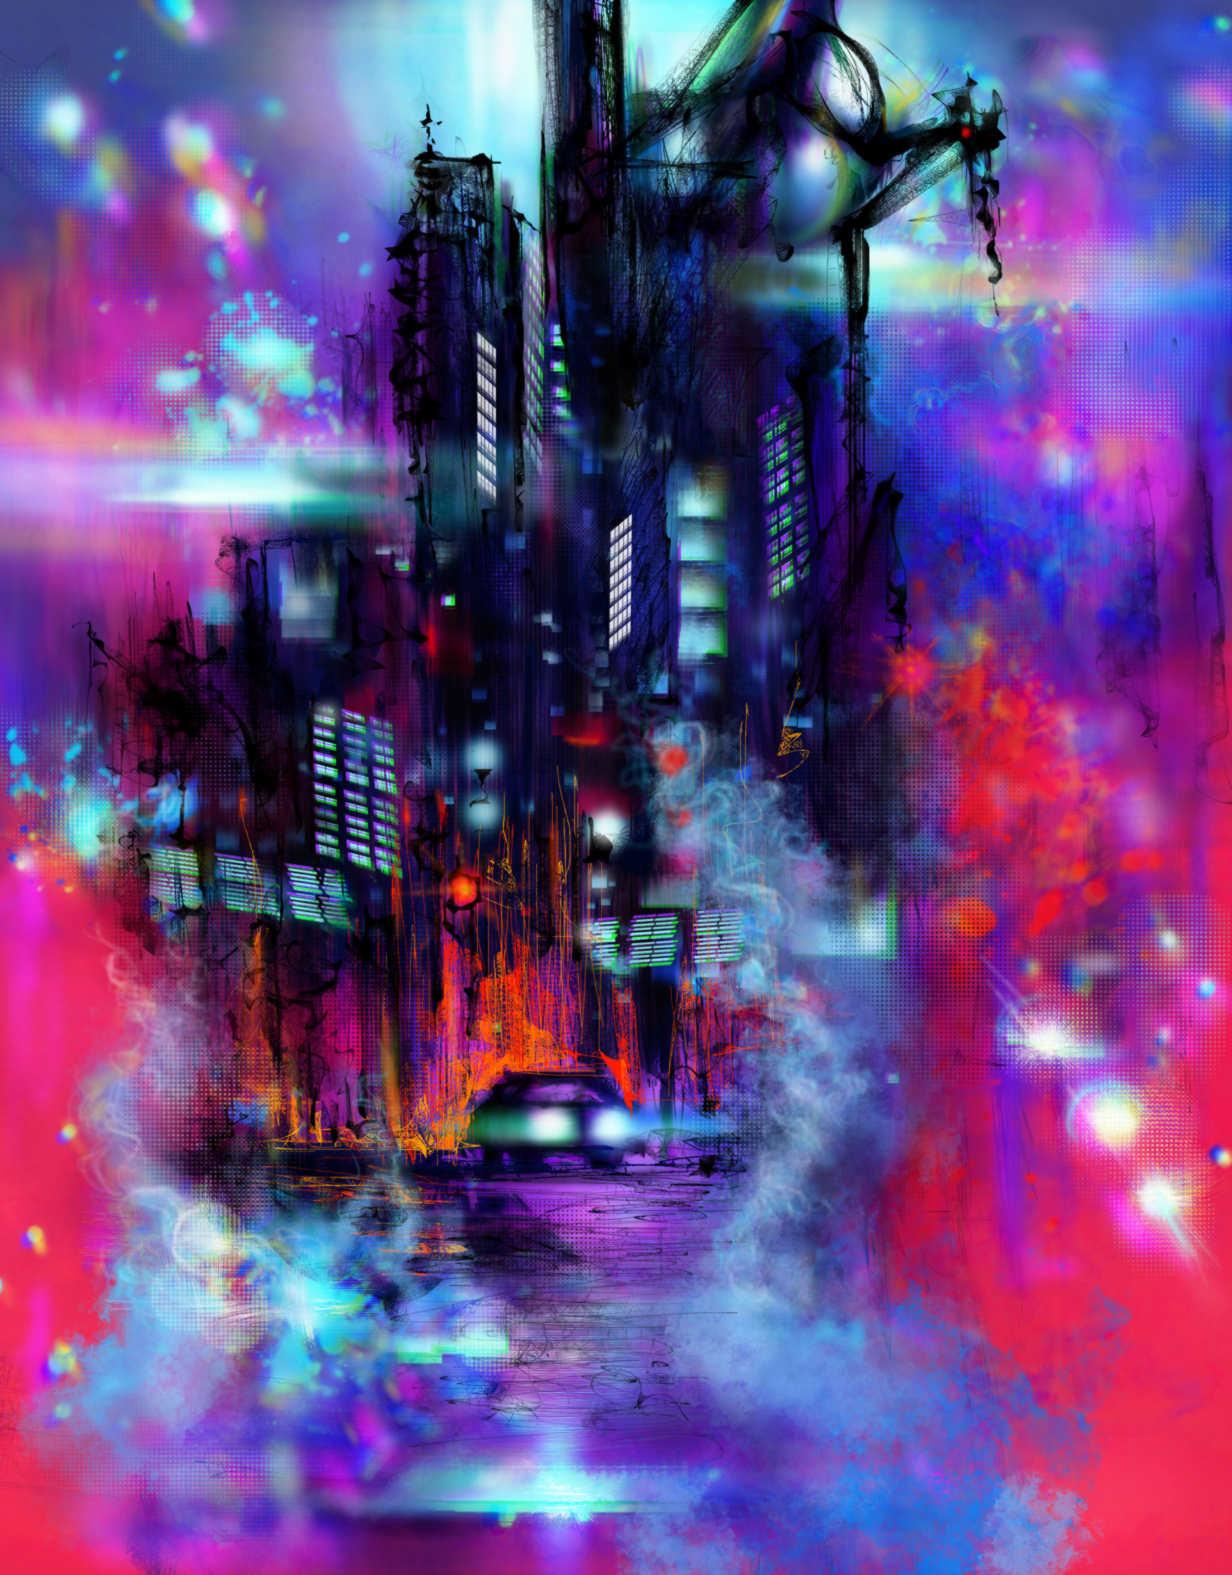 Szilagyi szilard vaporwave artstation